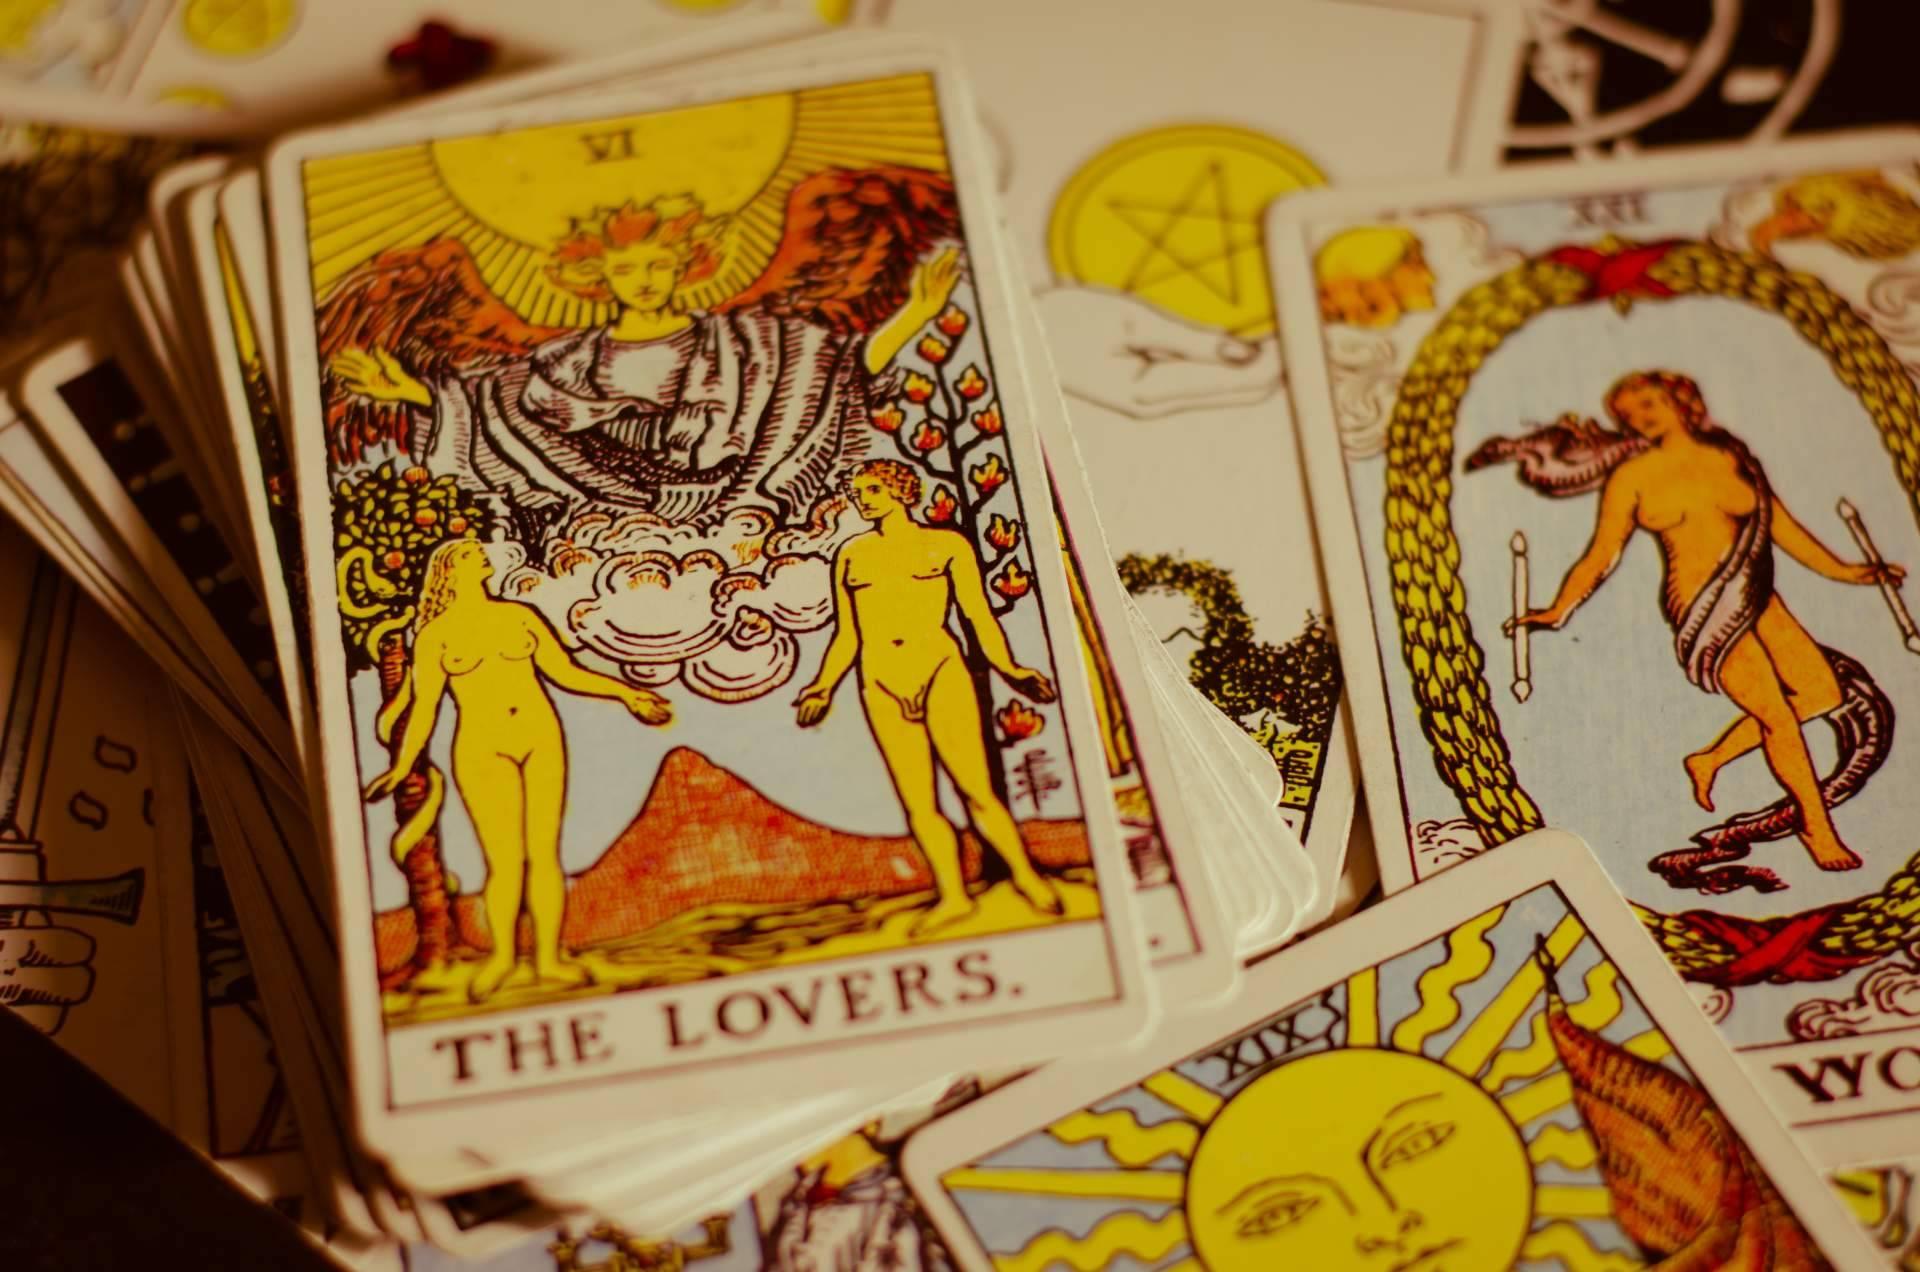 ¿De dónde viene el tarot?, según el Tarot de Luz María